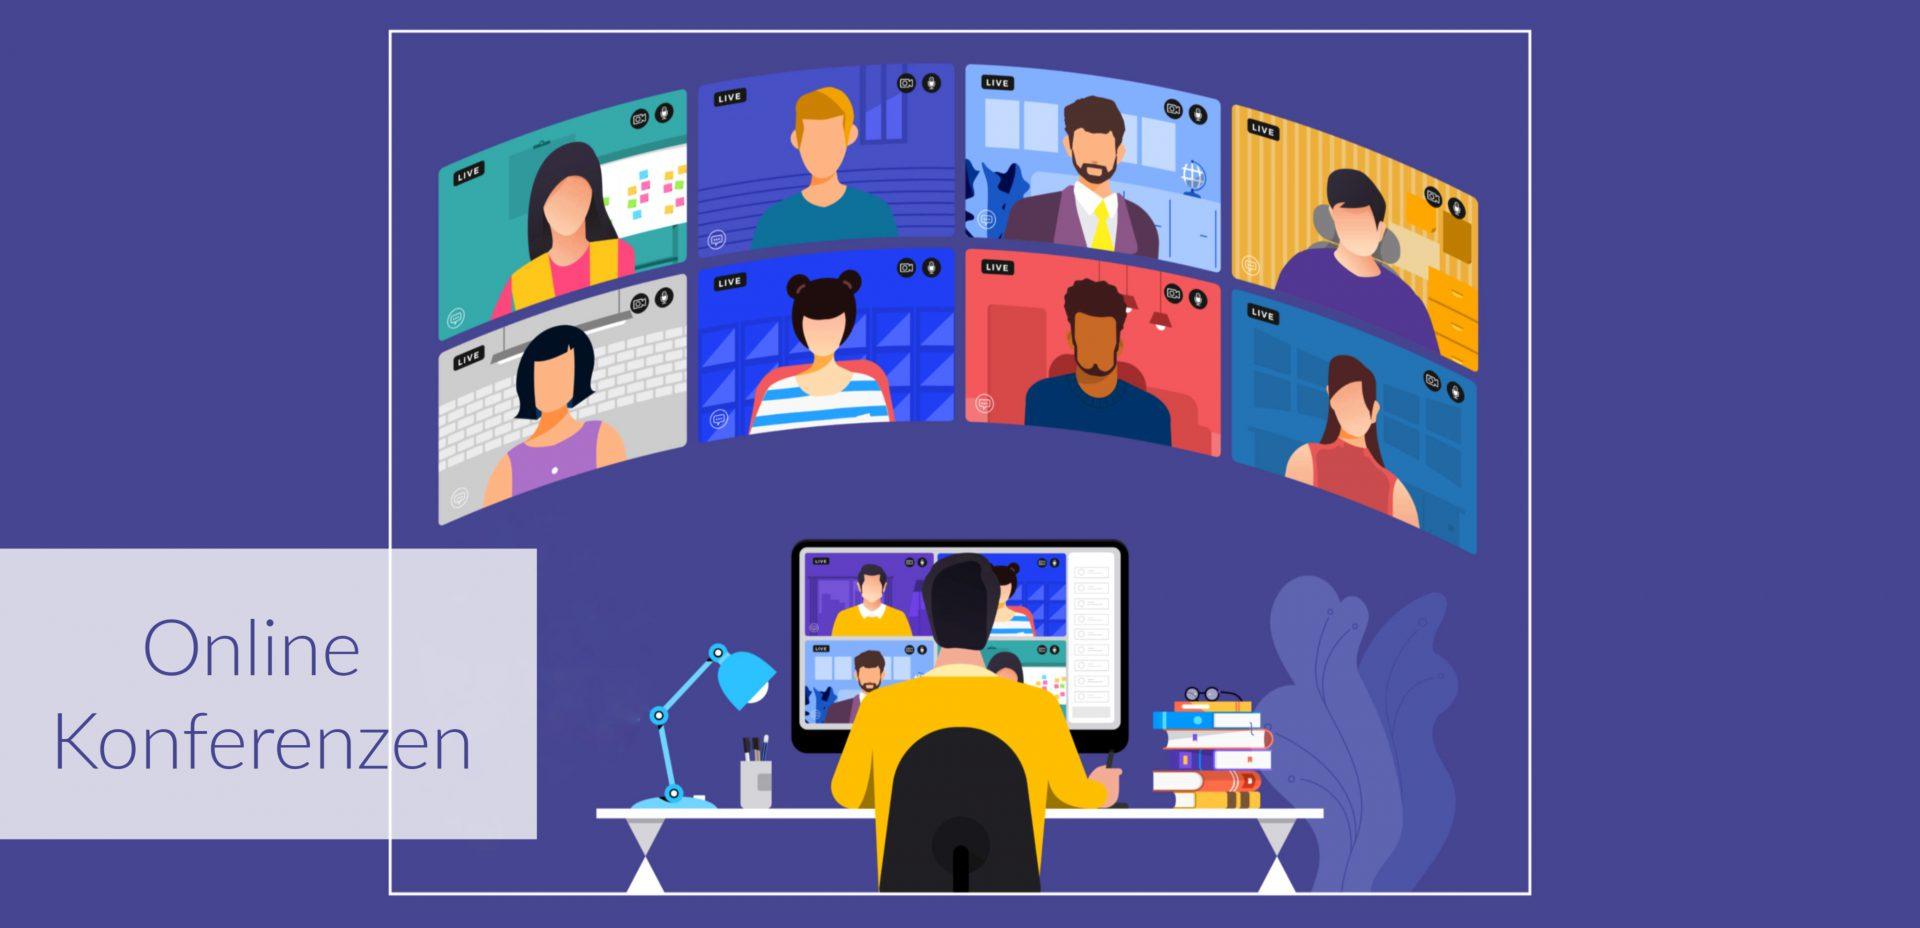 Online Konferenzen